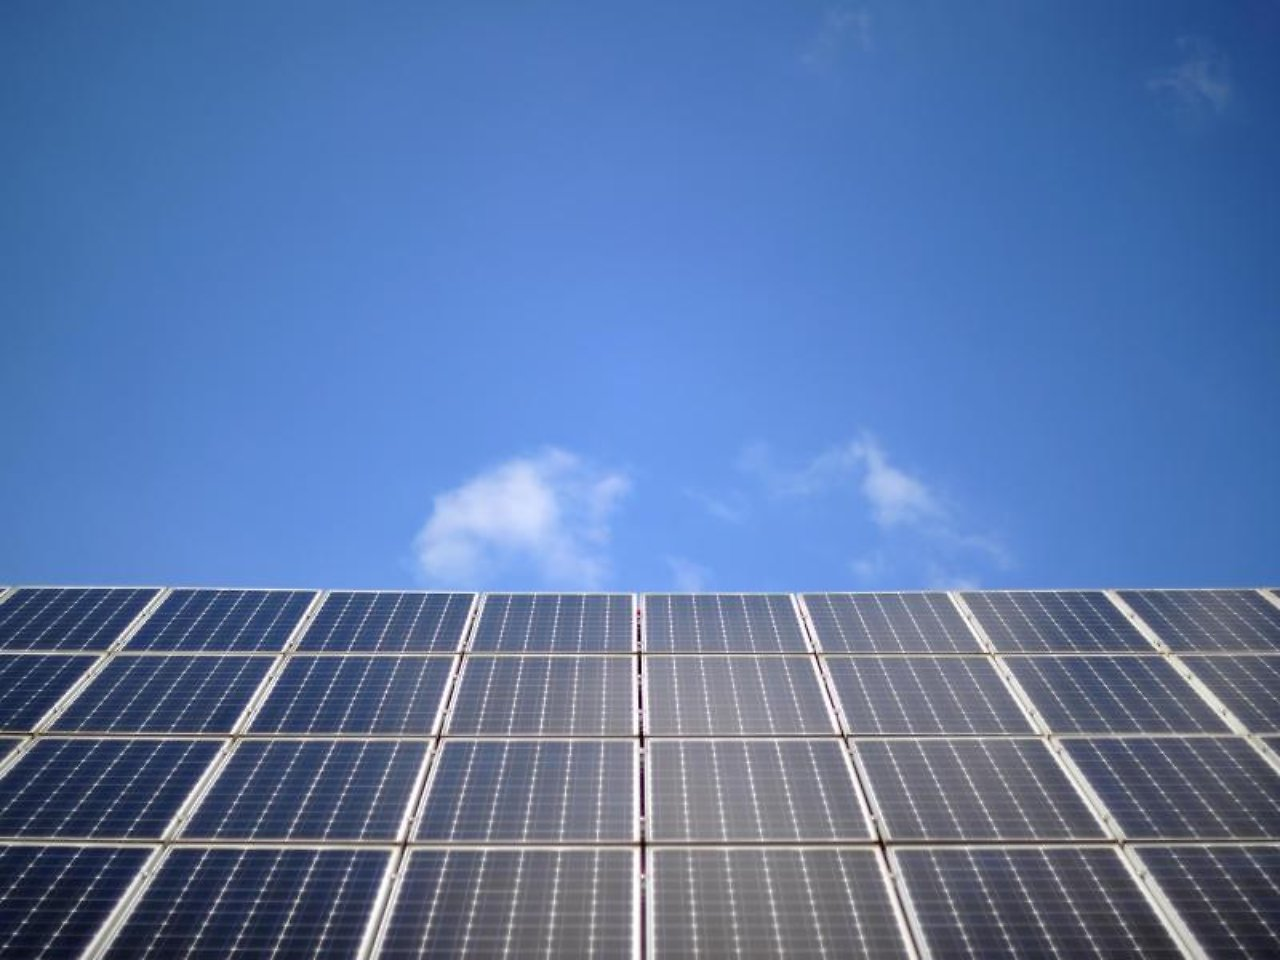 solarheizung ohne sonne so bleibt es auch im winter warm n. Black Bedroom Furniture Sets. Home Design Ideas